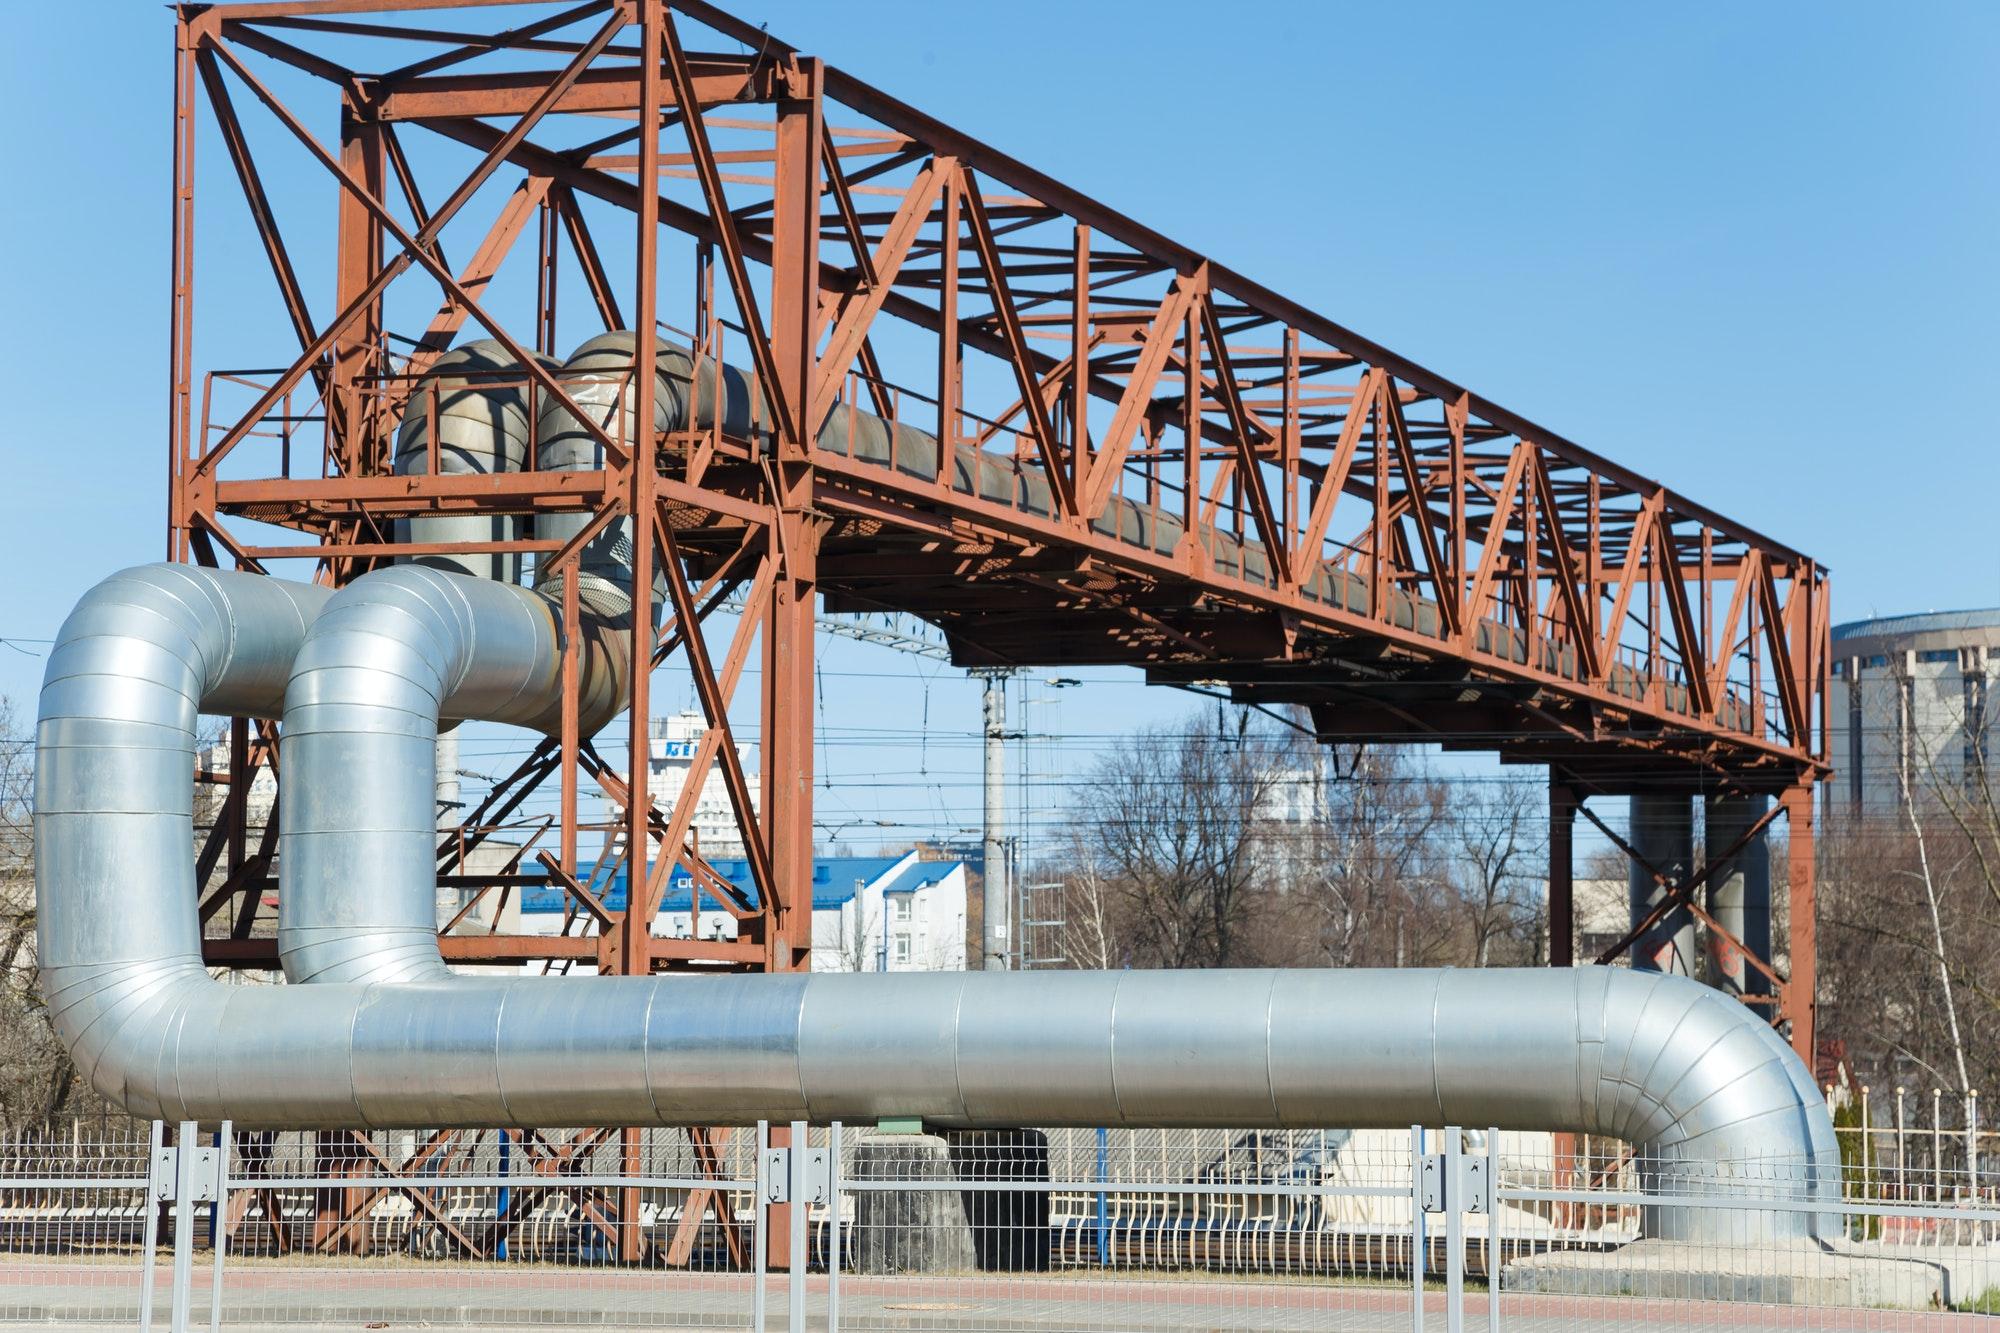 Industrial huge pipes on metal viaduct outdoor